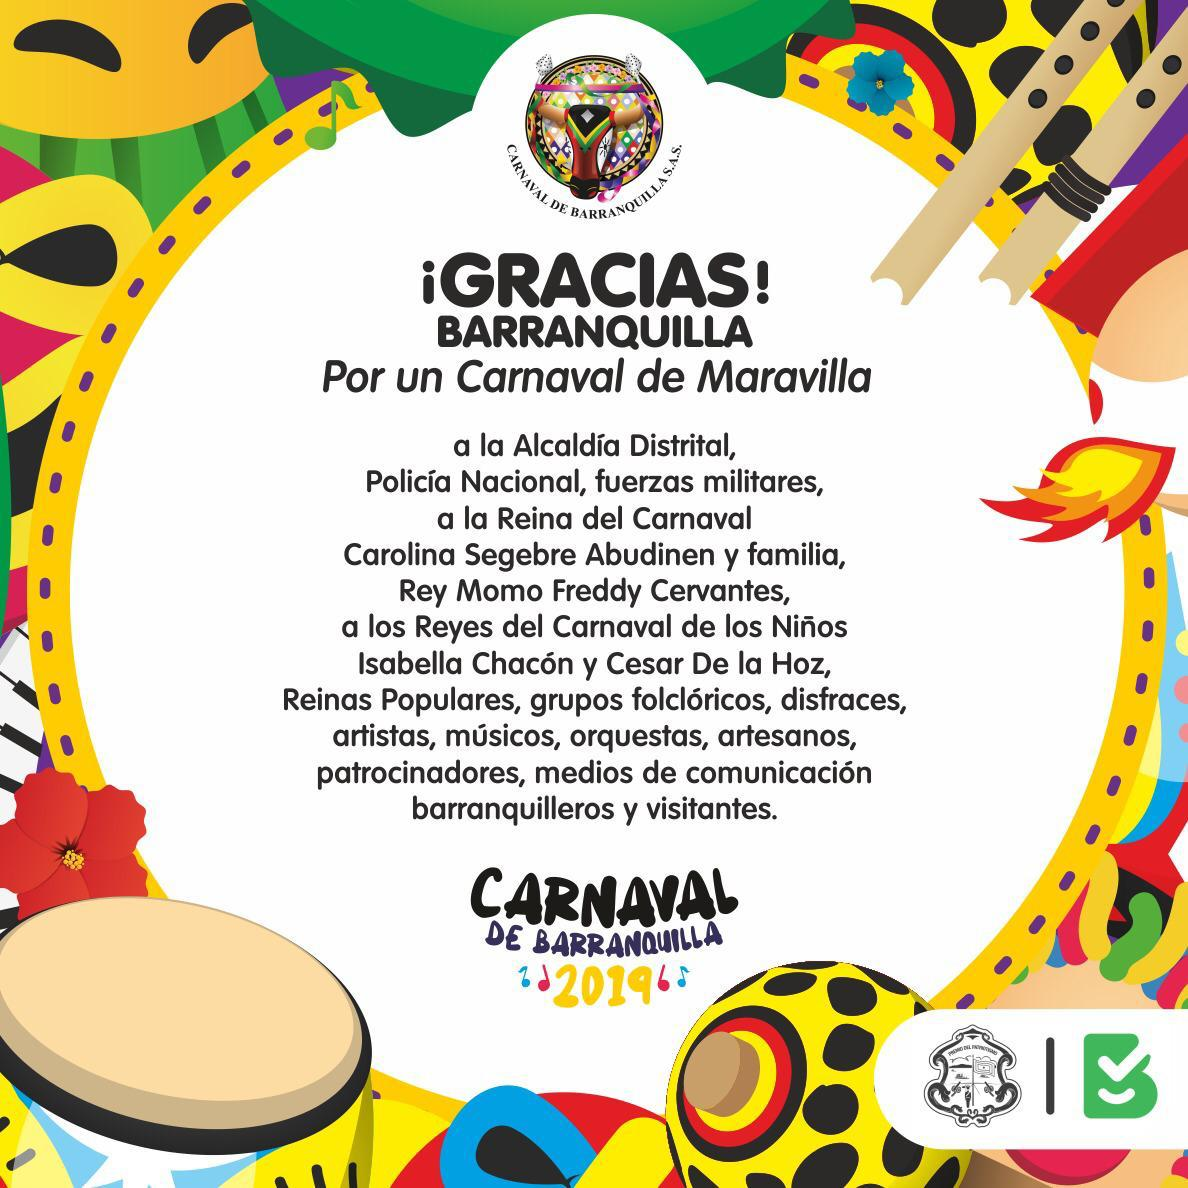 El 2019, fue un Carnaval de maravilla ¡que bailó todo el mundo!